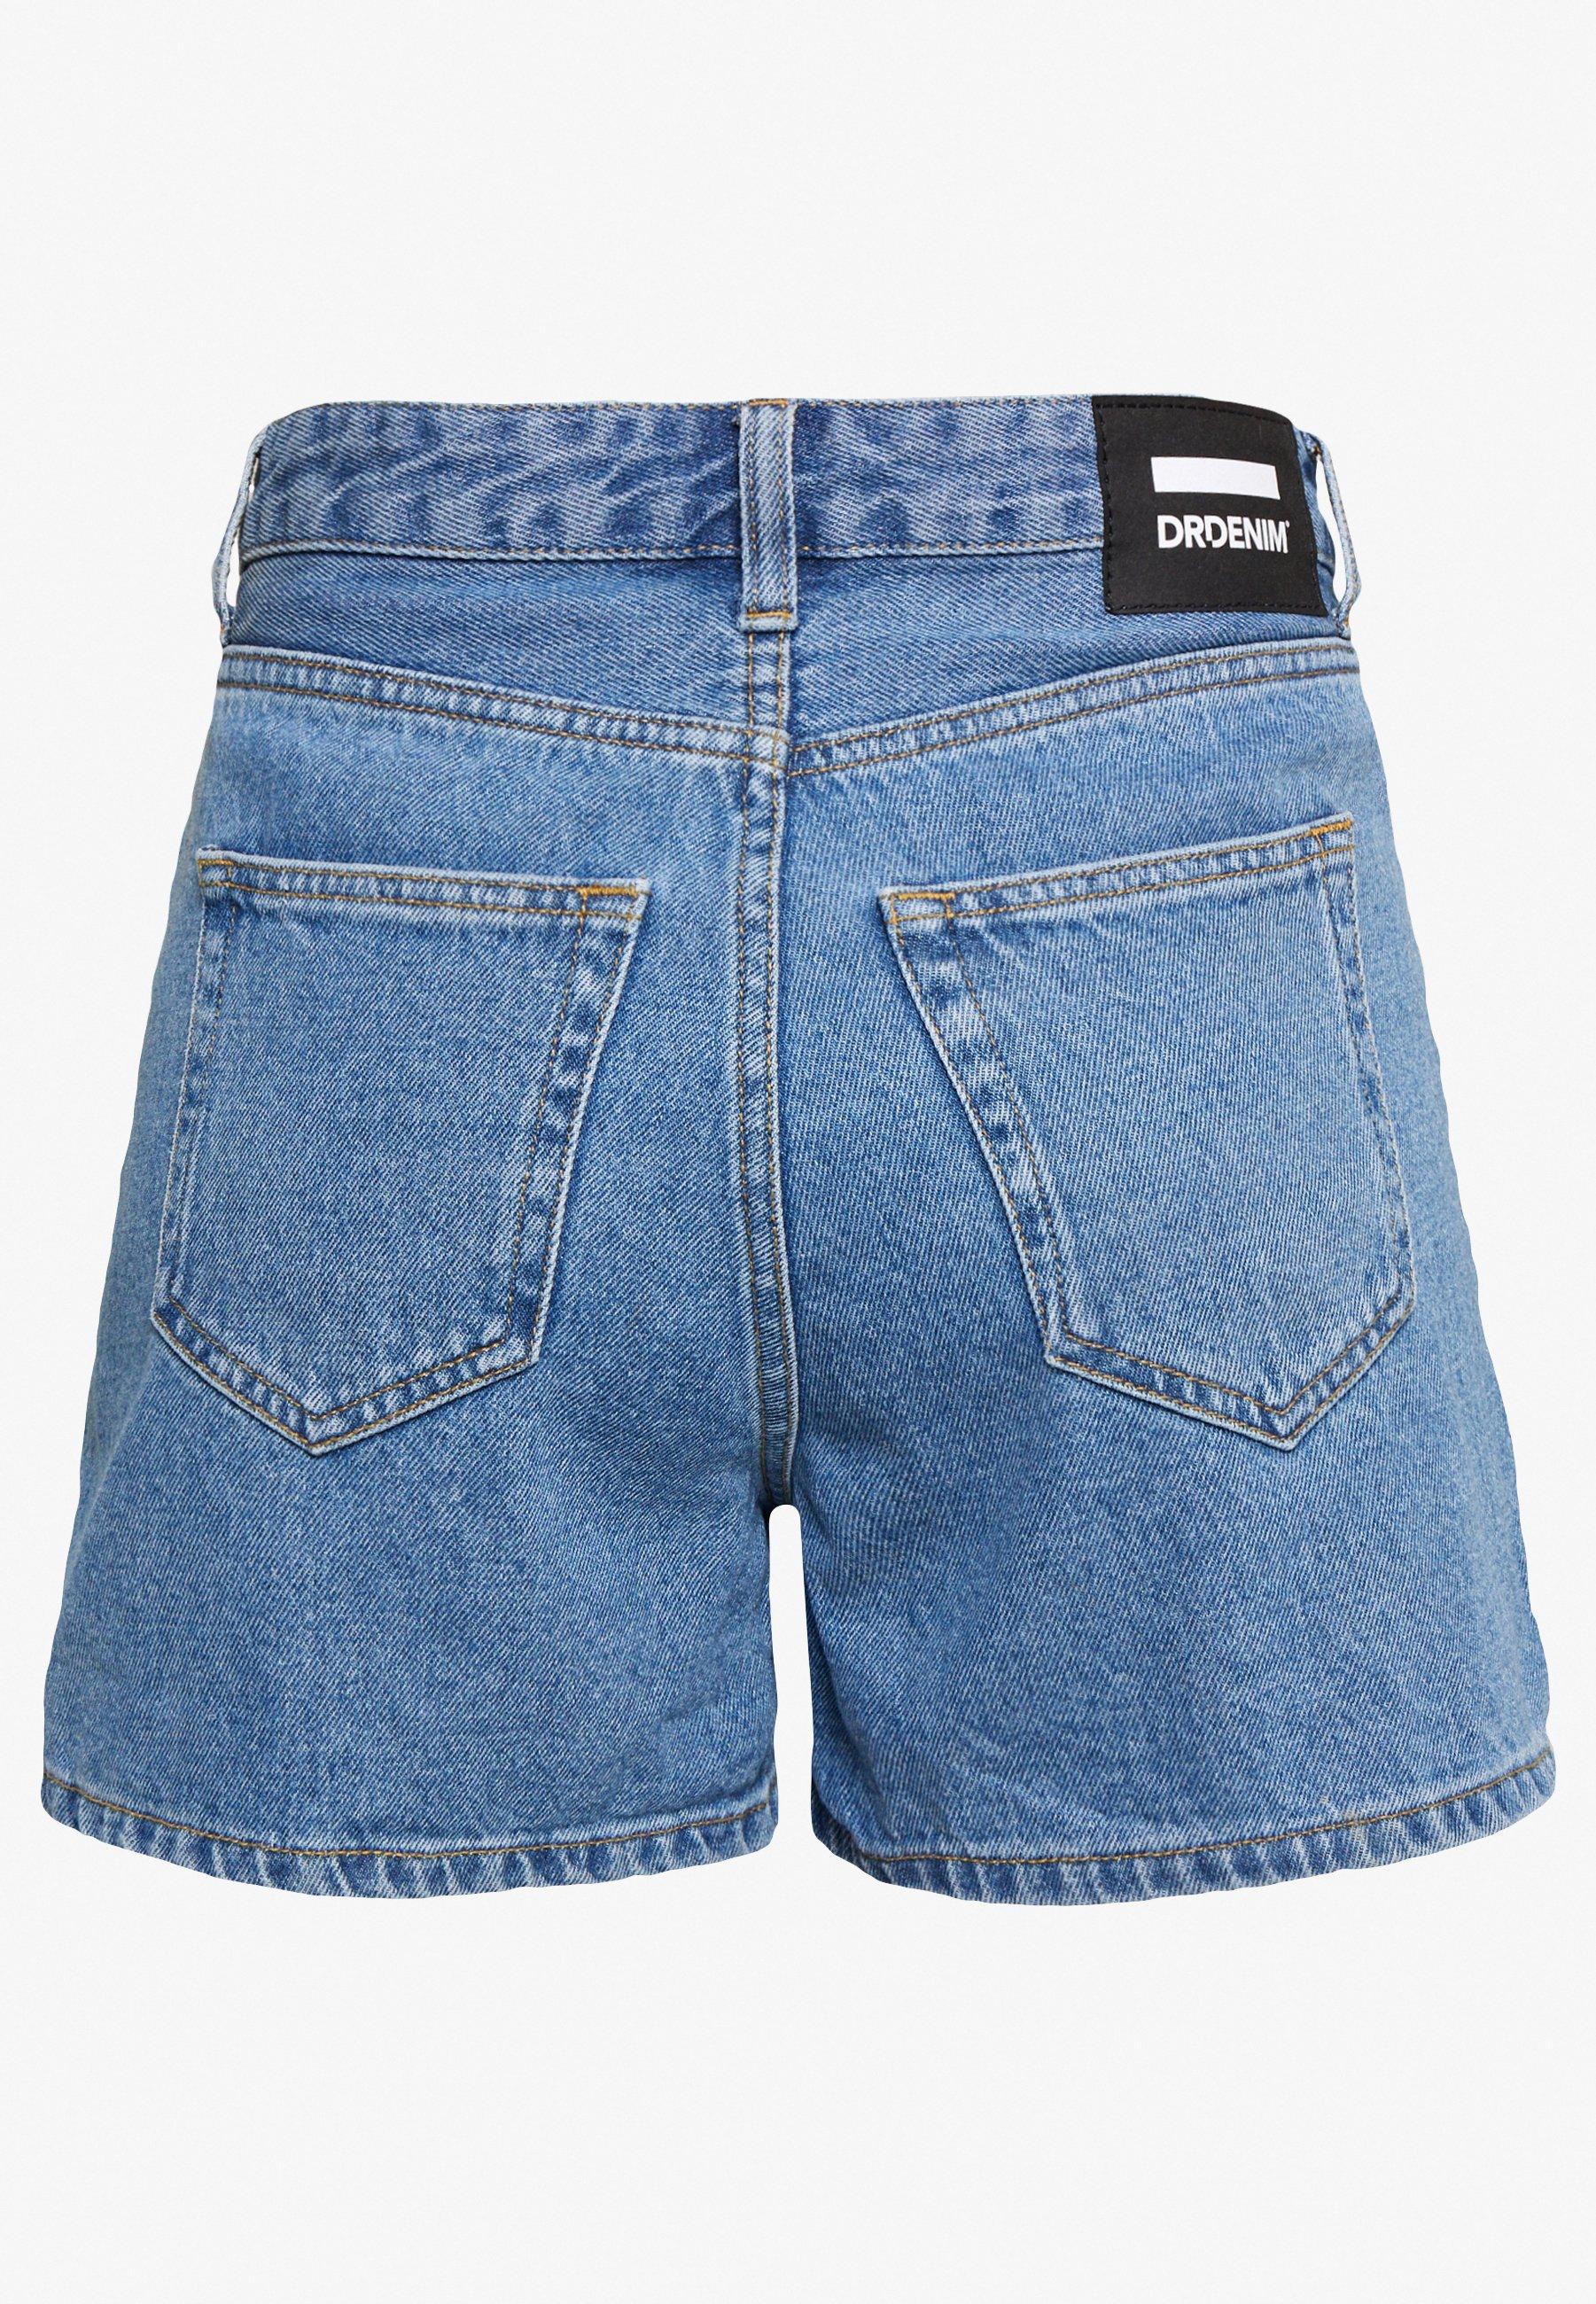 Dr.denim Petite Jen - Jeans Short / Cowboy Shorts Retro Sky Blue